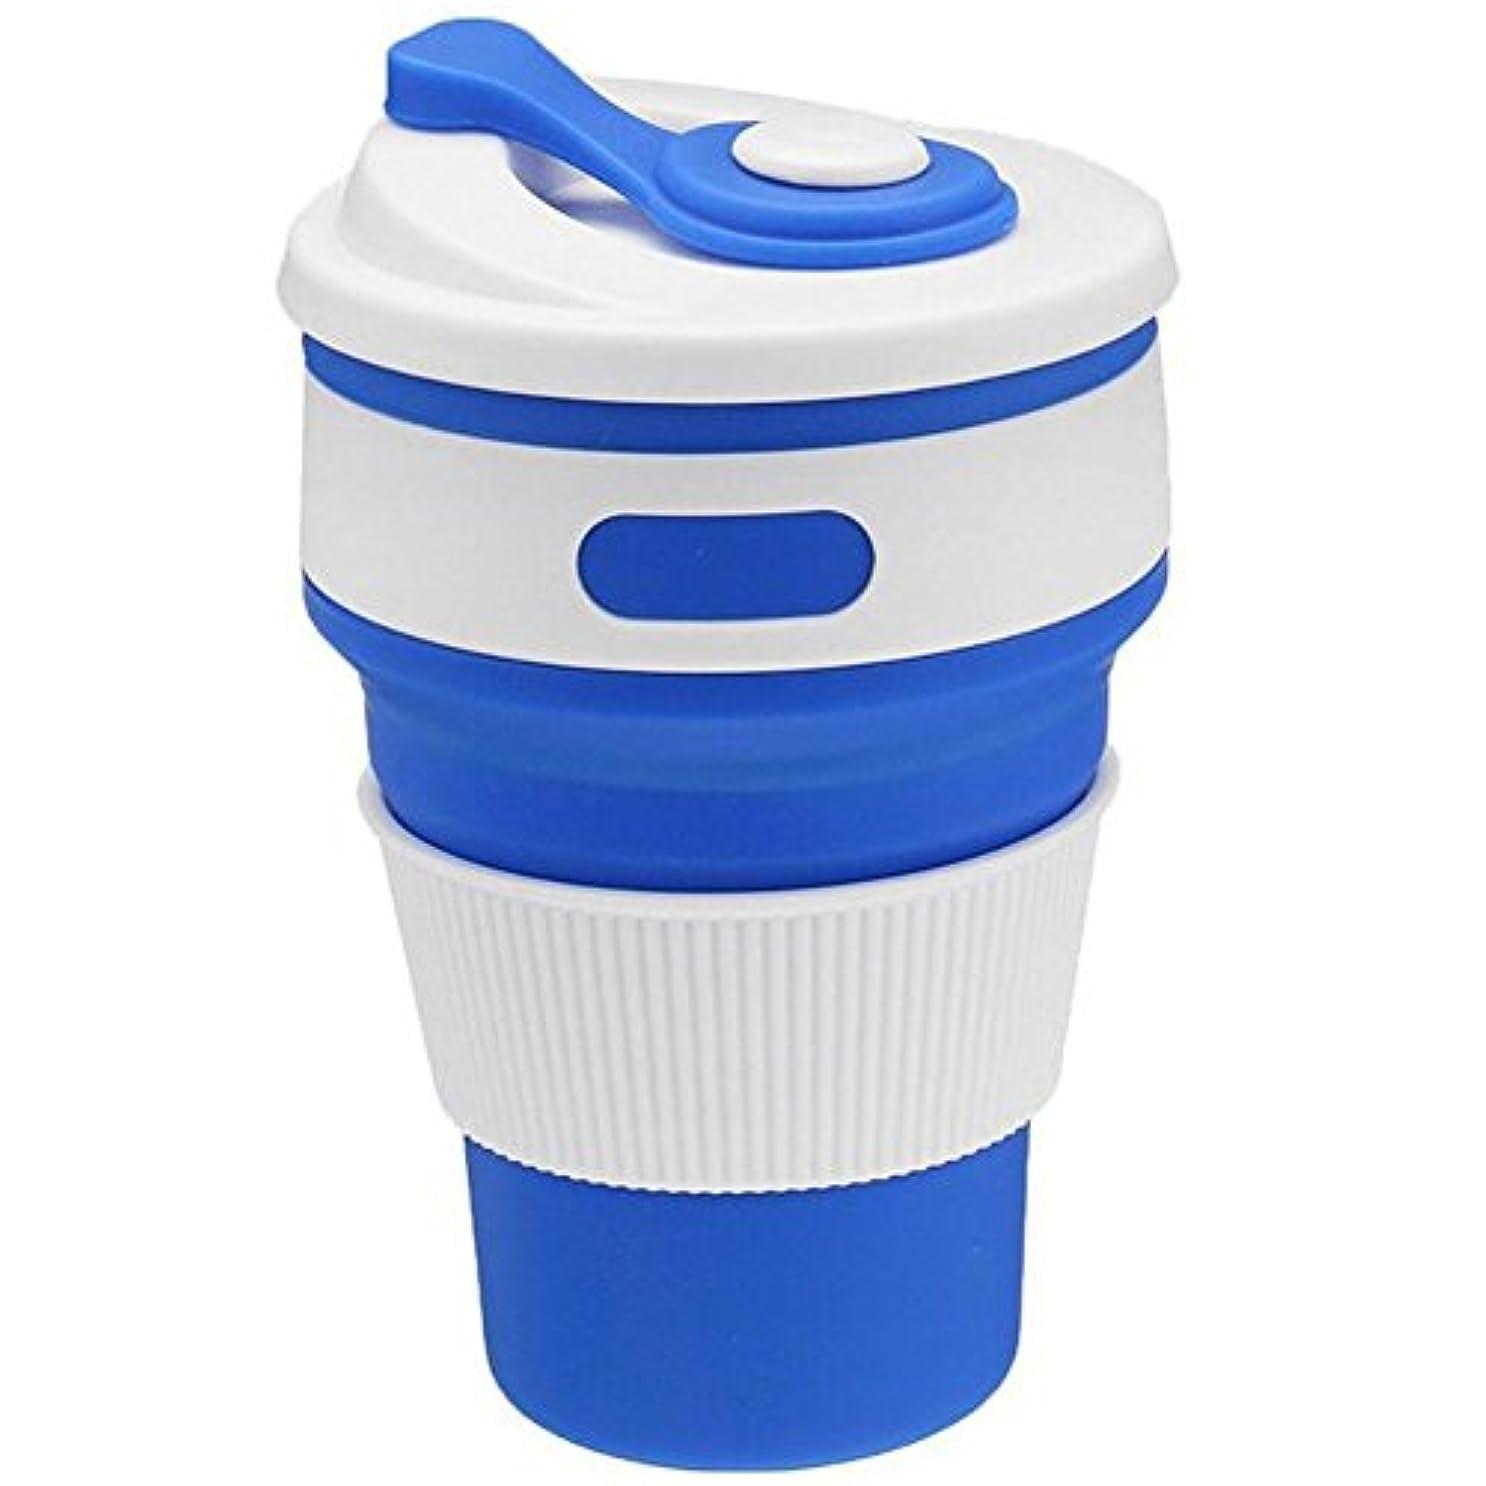 部族毎月池Oral Dentistry折りたたみコップ シリコンコップ コーヒーカップ ポケットカップ エコカップ 伸縮 おしゃれ アウトドア 大容量350ml スポーツ ボトル 蓋付き 6色 旅行